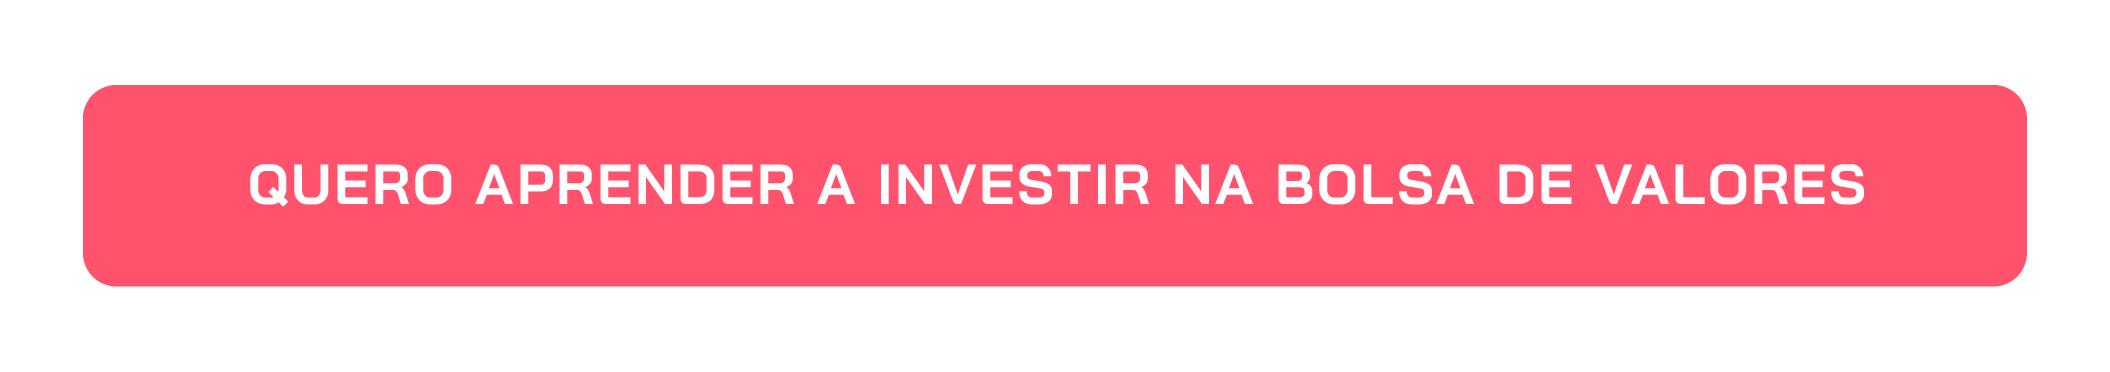 Botão Quero Aprender a Investir na Bolsa de Valores